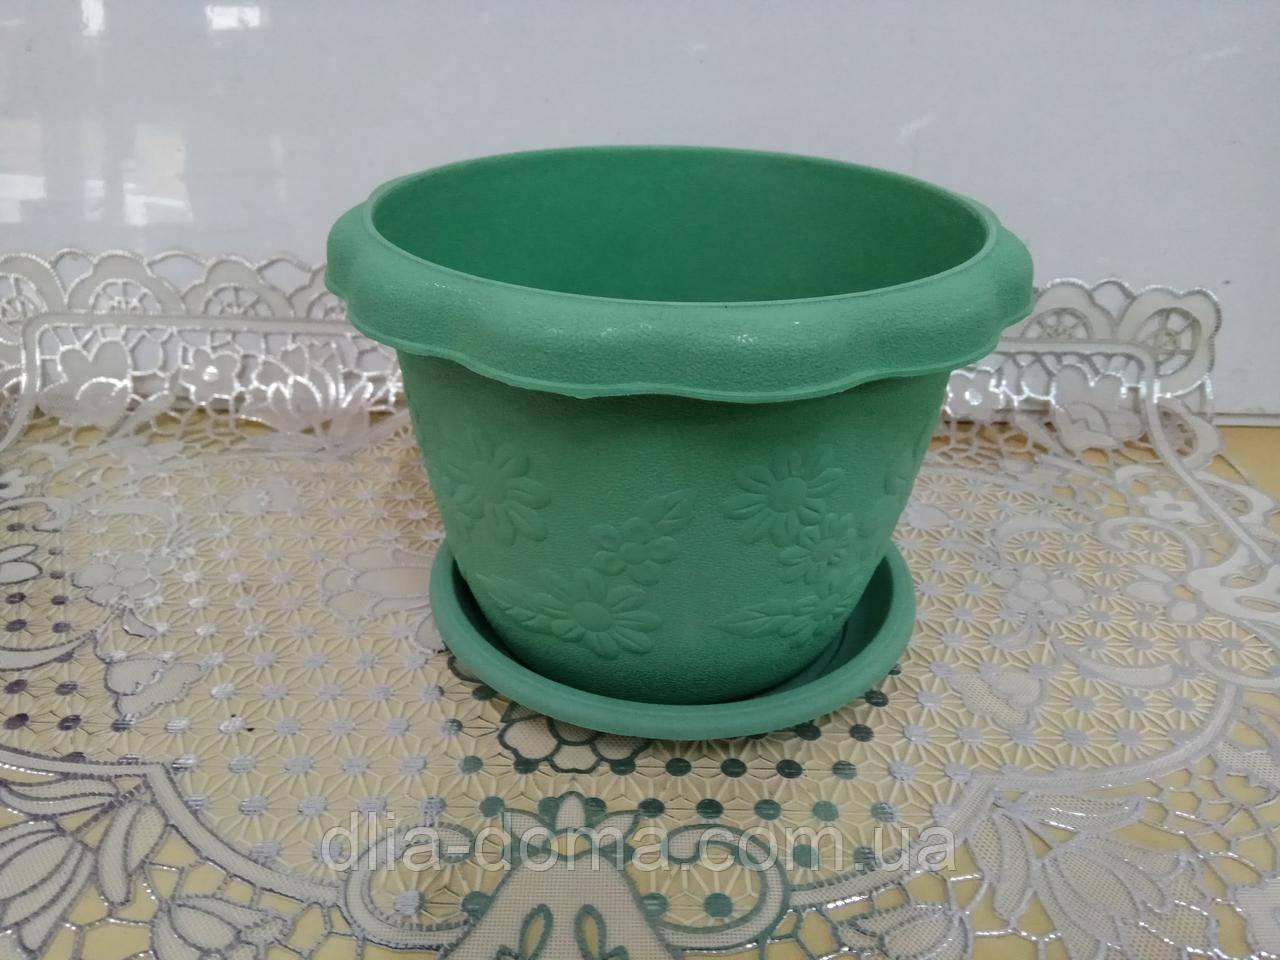 Горшок для цветов пластиковый, диаметр 19 см, 3902